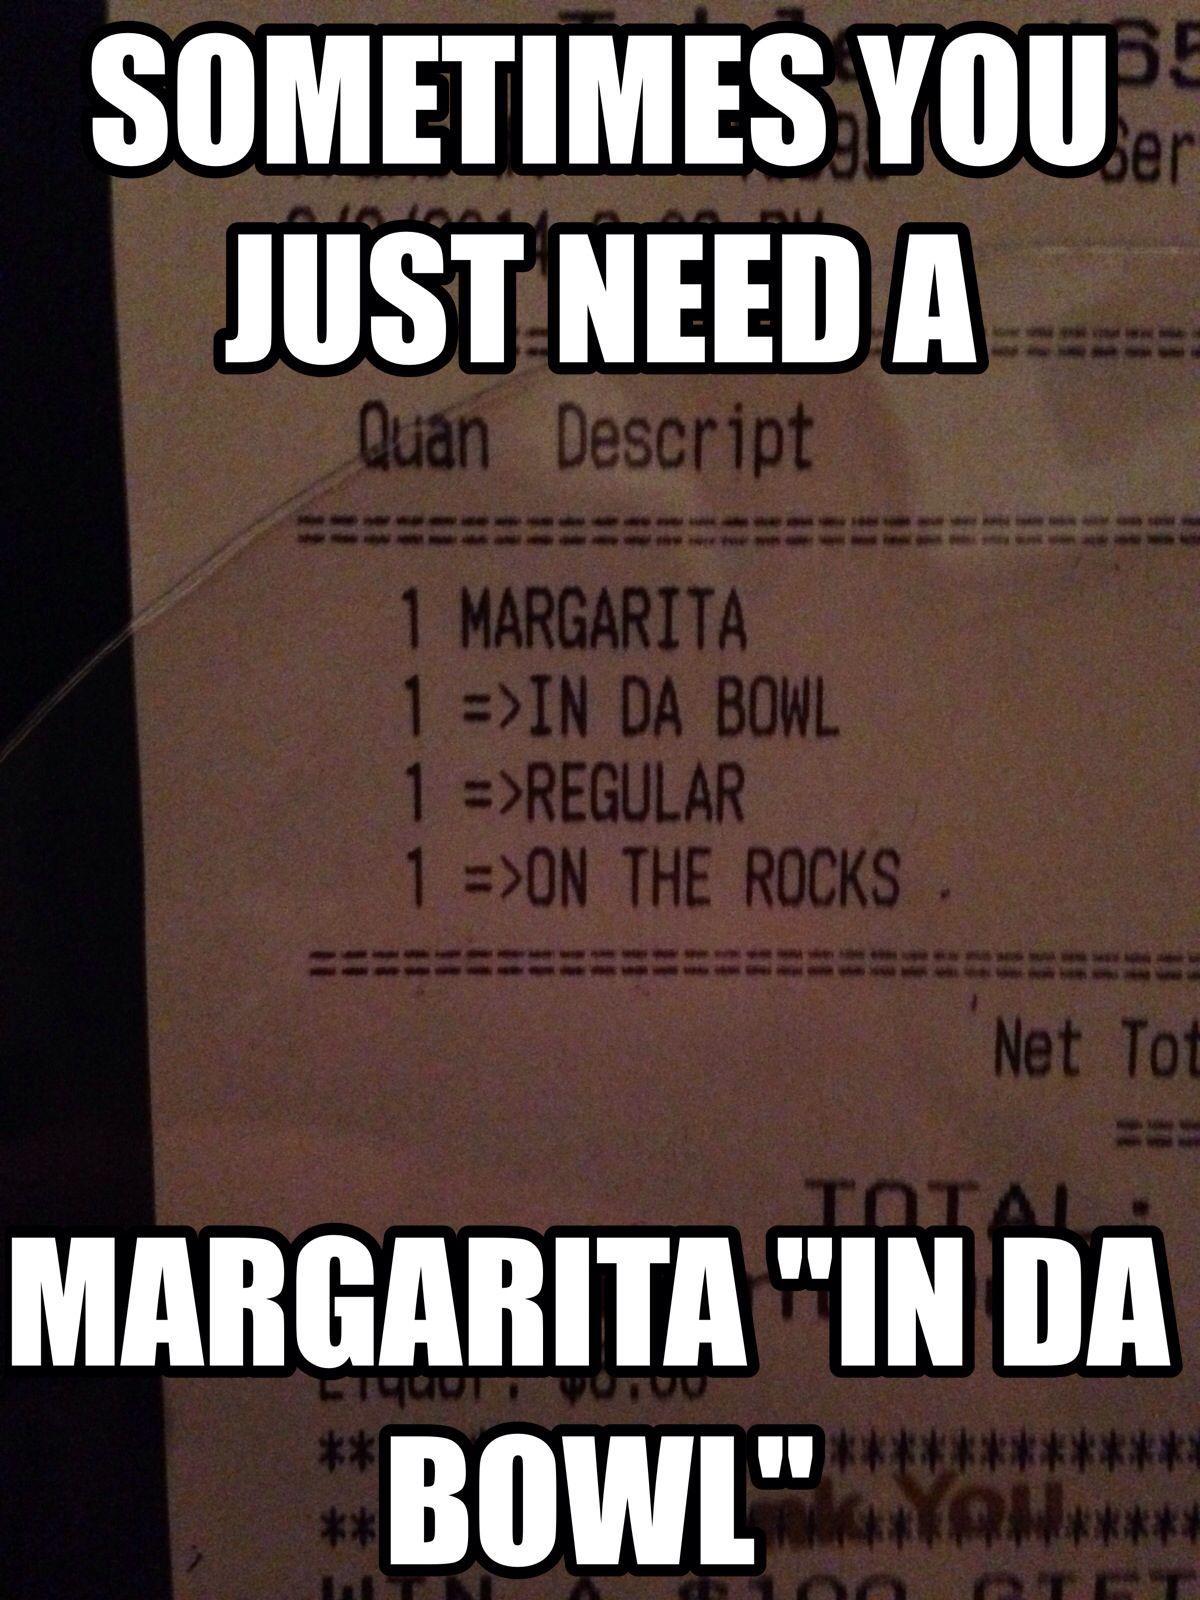 Margarita Meme Lol